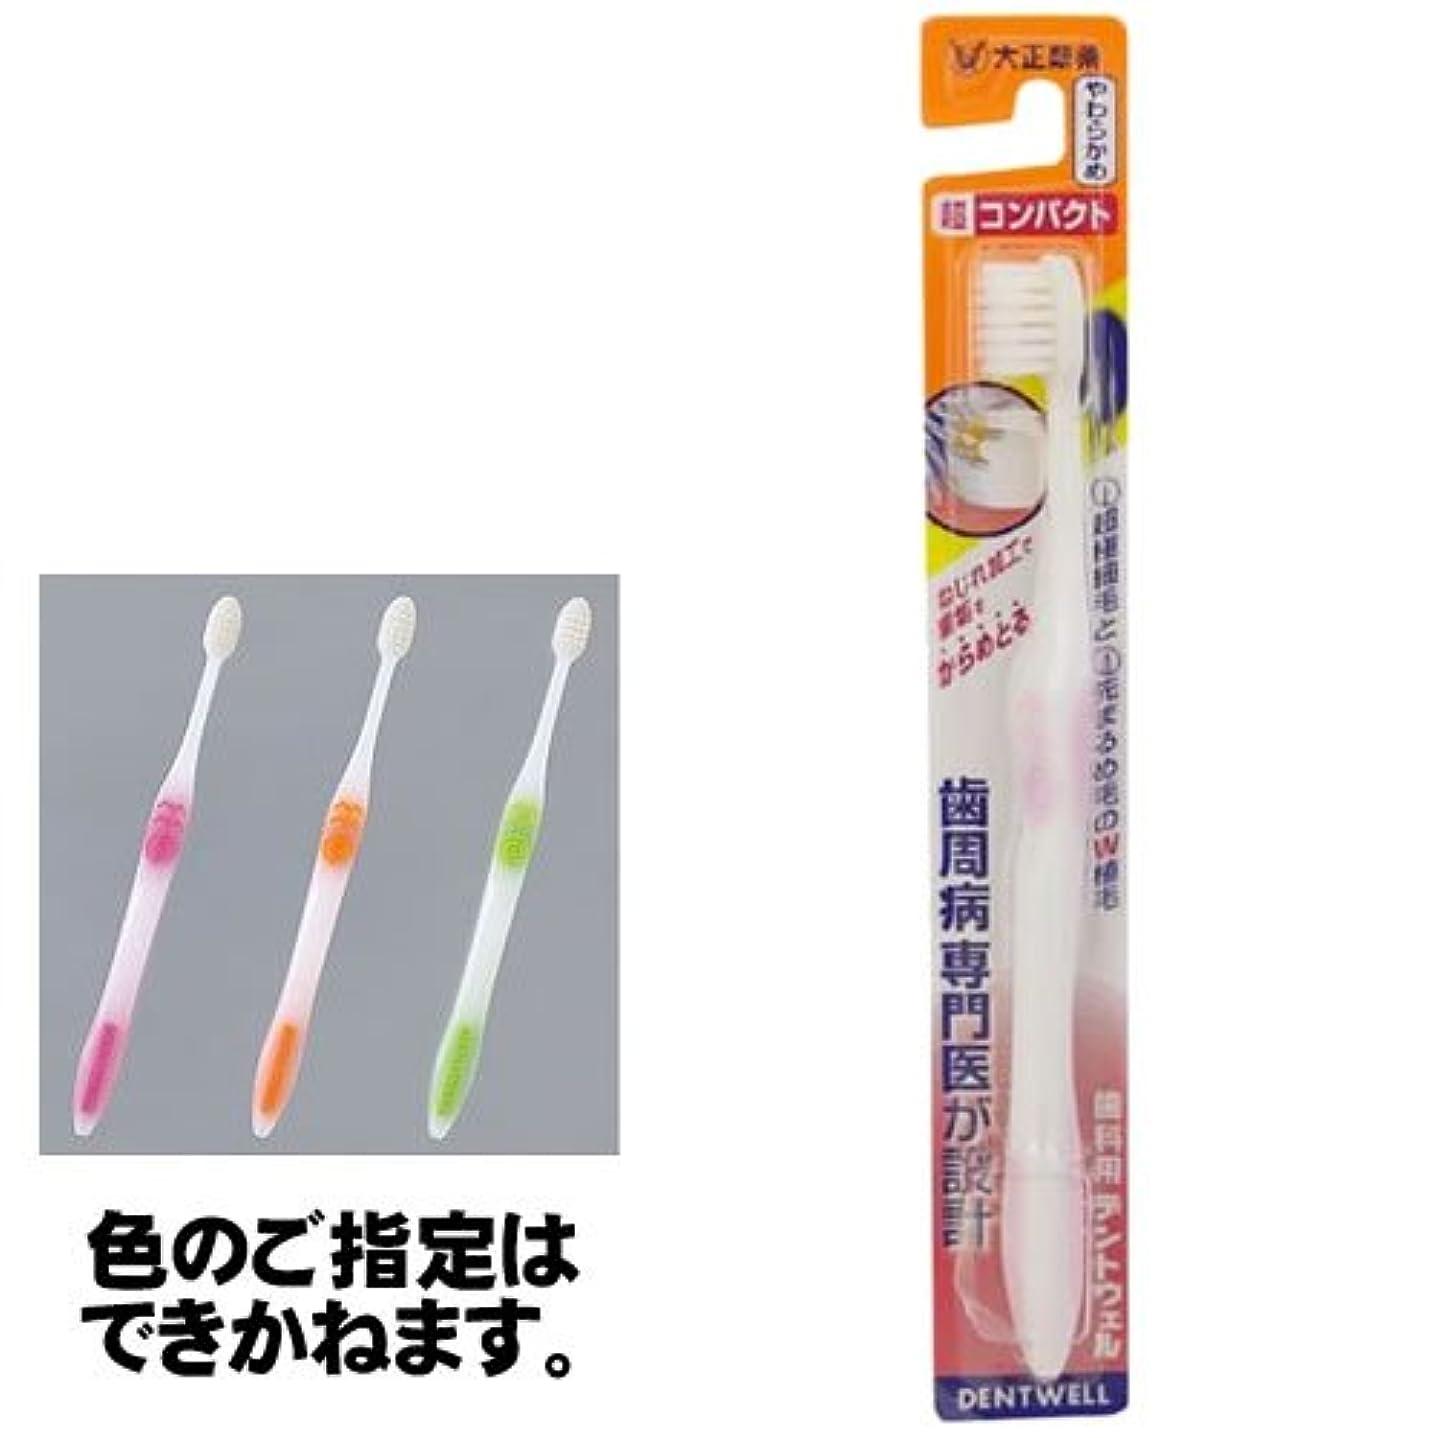 姓サポート設計図〔大正製薬〕歯科用デントウェル歯ブラシ 超コンパクト やわらかめ×12個セット